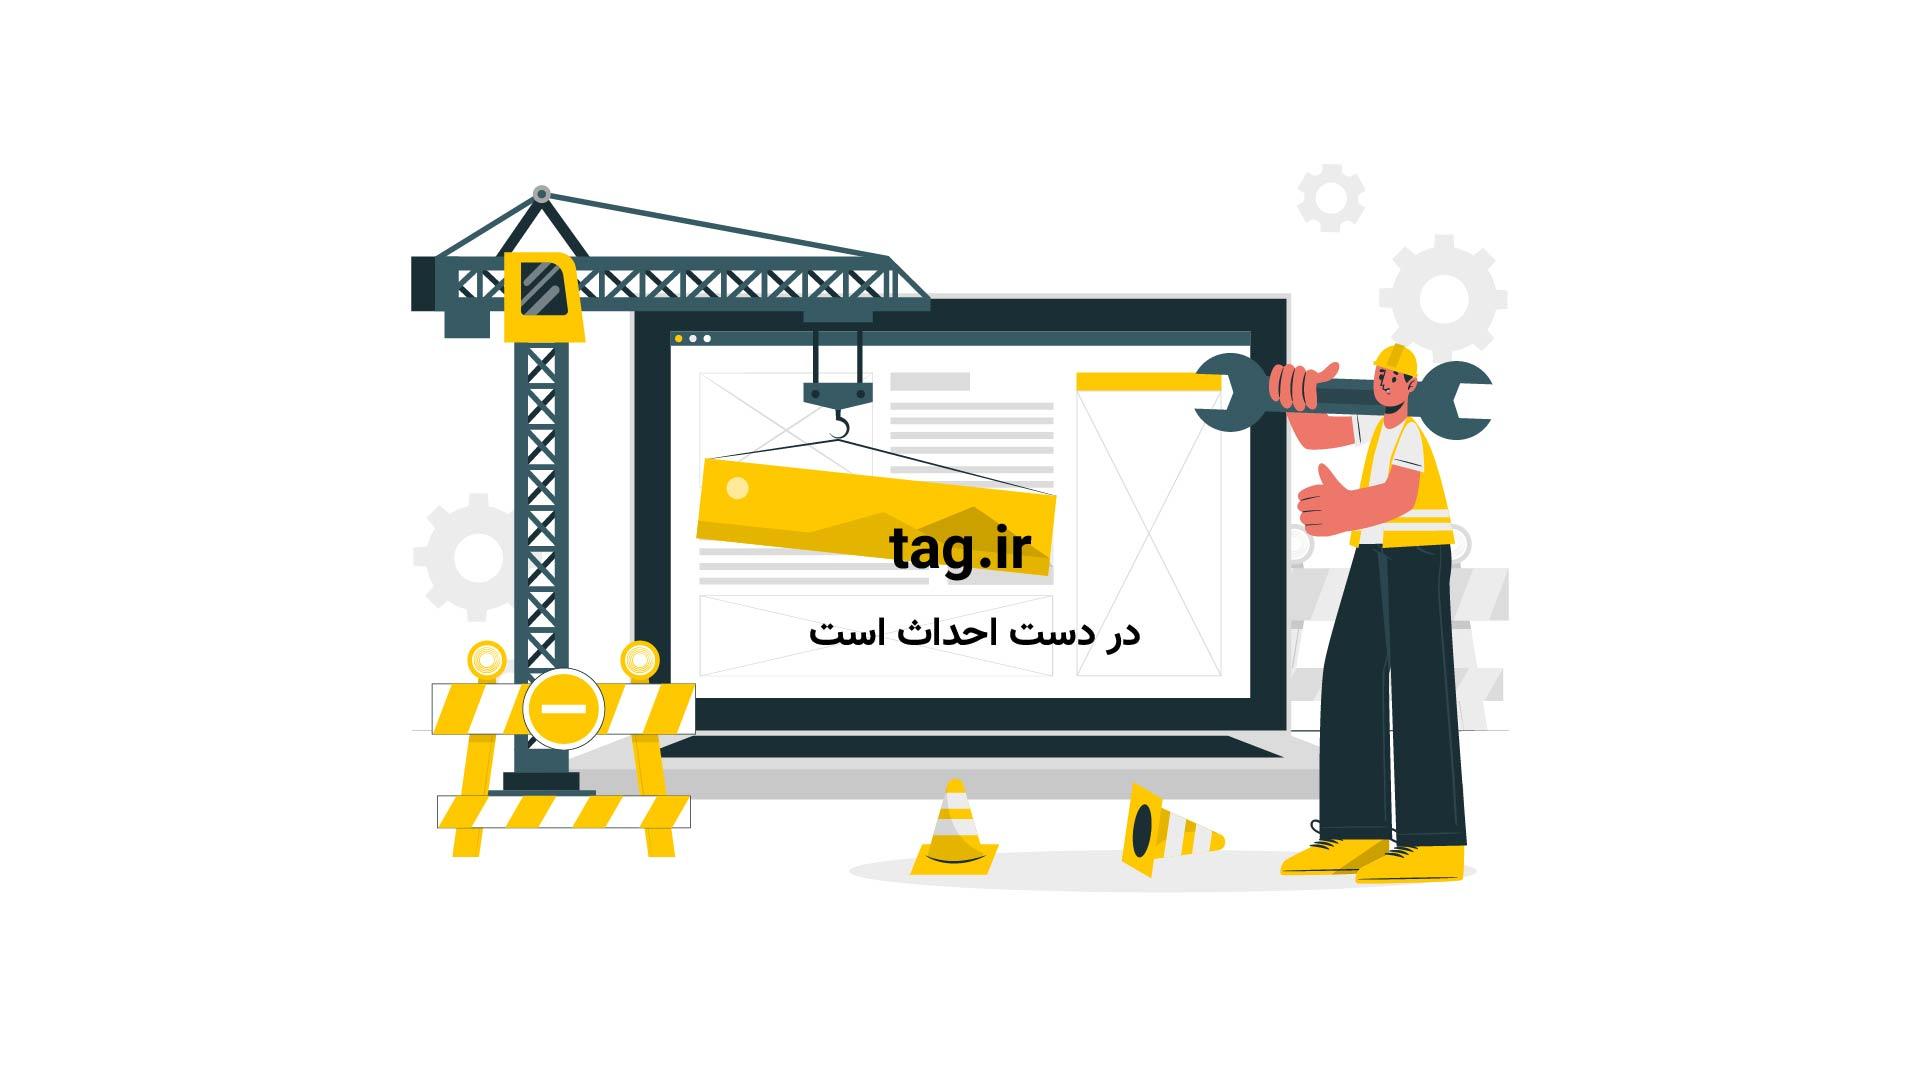 مرگ مجری زن پاکستانی دروغ بود   فیلم